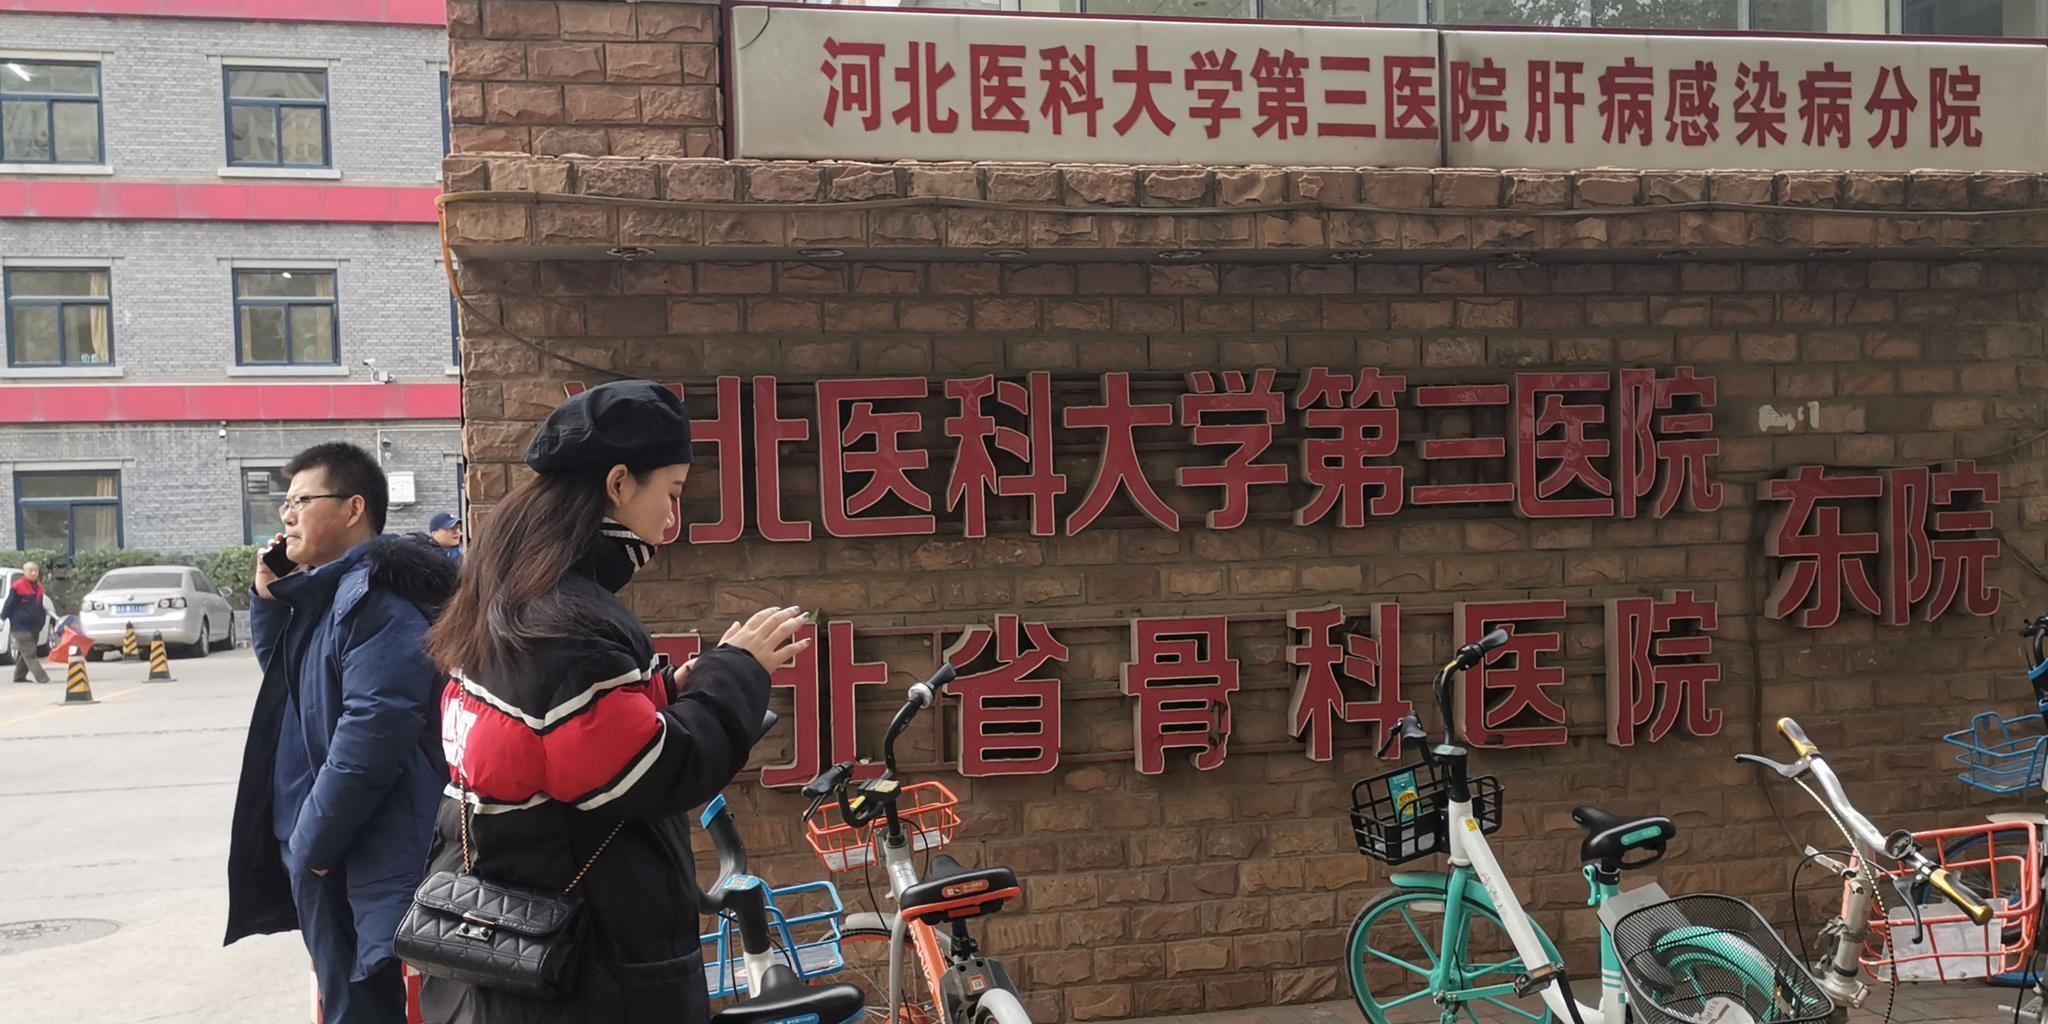 新浦京官方 - Dota2:至宝投票力丸大胜伐木机 一个85%时间隐身英雄也要至宝么